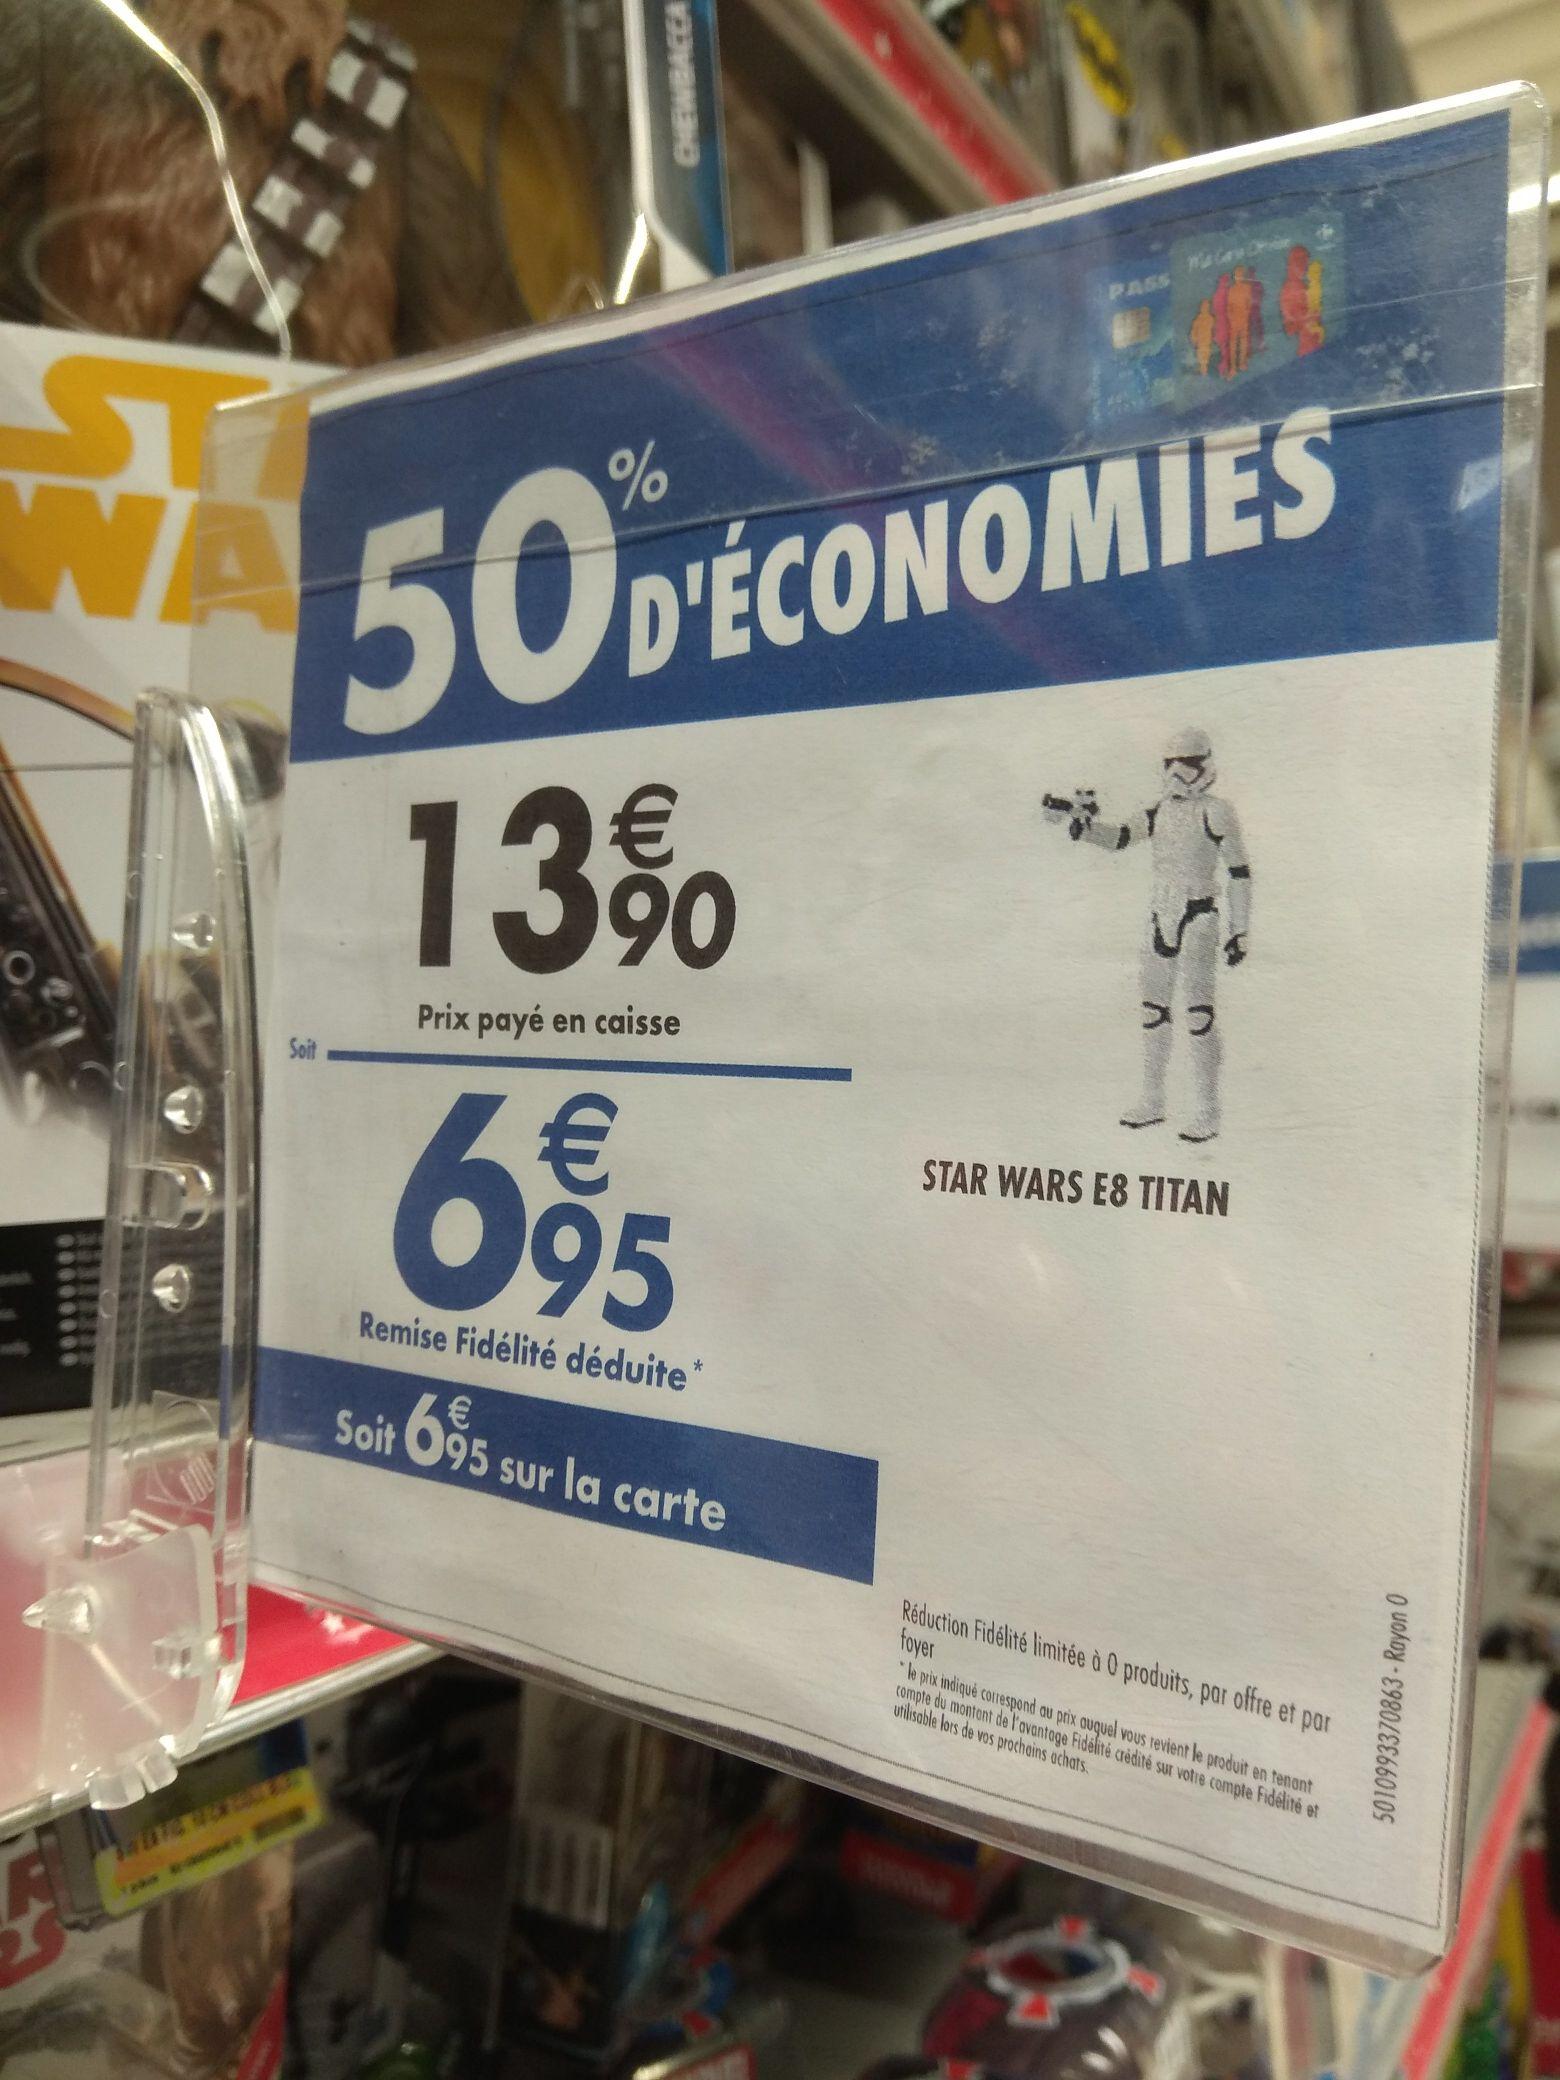 50% crédités sur la carte de fidélité sur une sélection de jouets - Ex: figurine Star Wars E8 Titan (via 6.95€ en fidélité) - Wasquehal (59)